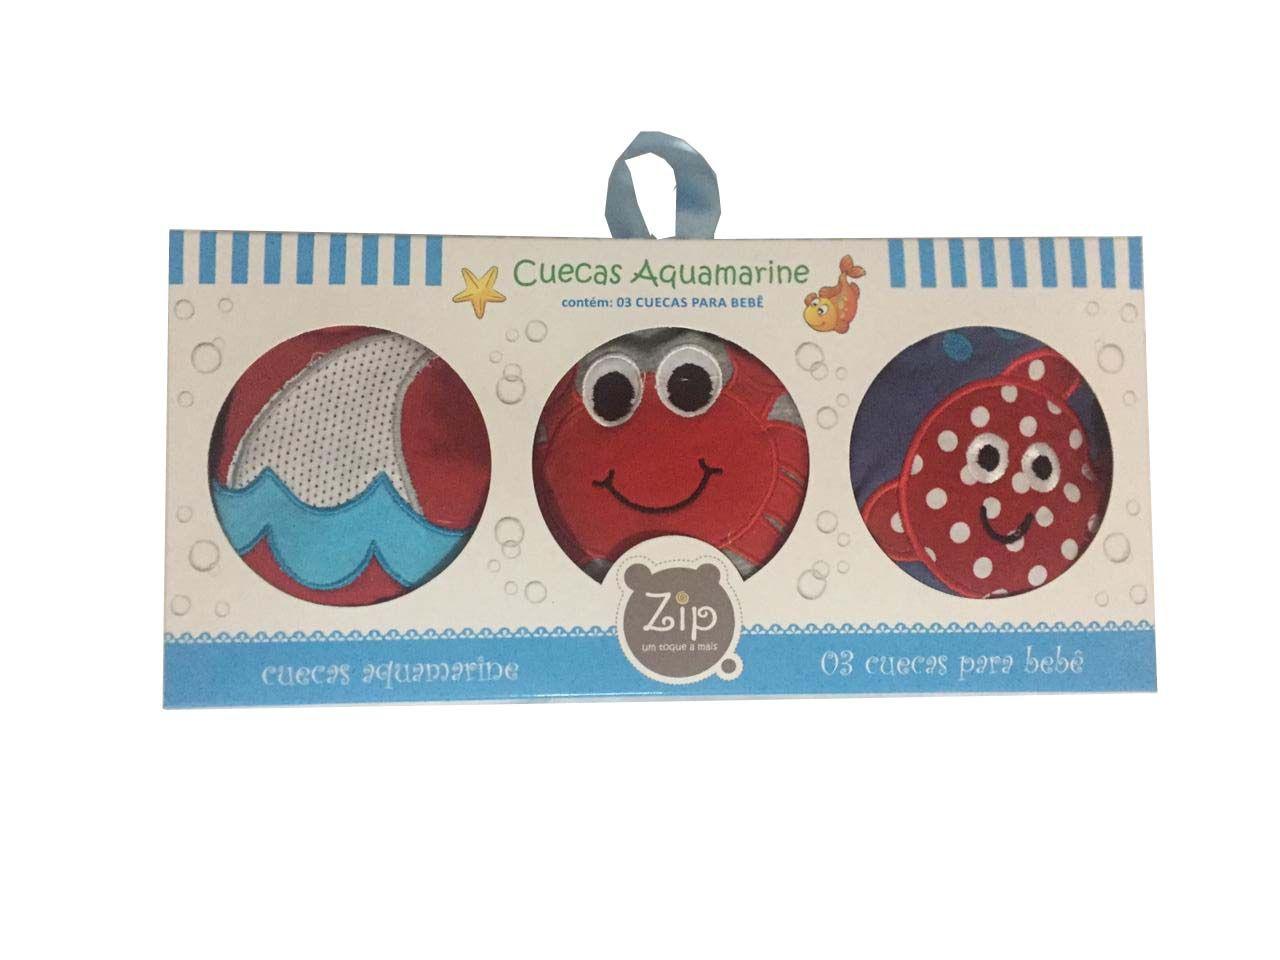 Kit Cuecas Aquamarine - Zip Toys